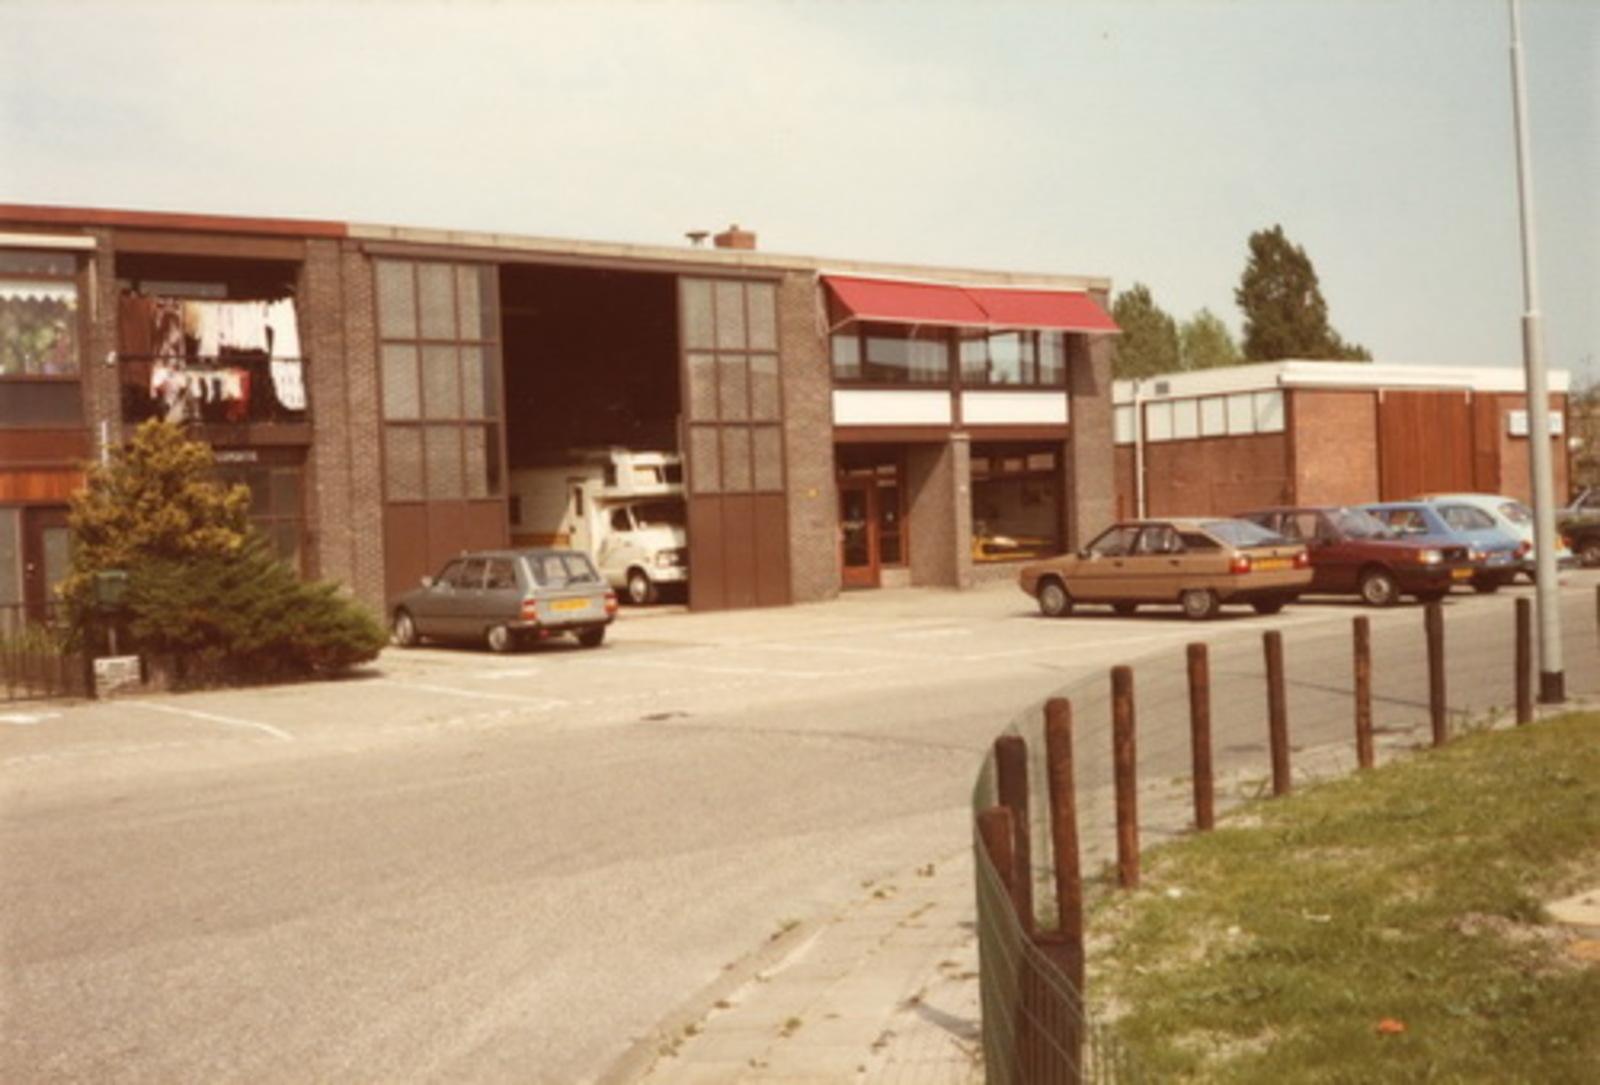 Graftermeerstraat N 0029-33 1983 Loods fa Vermeer Holland 02